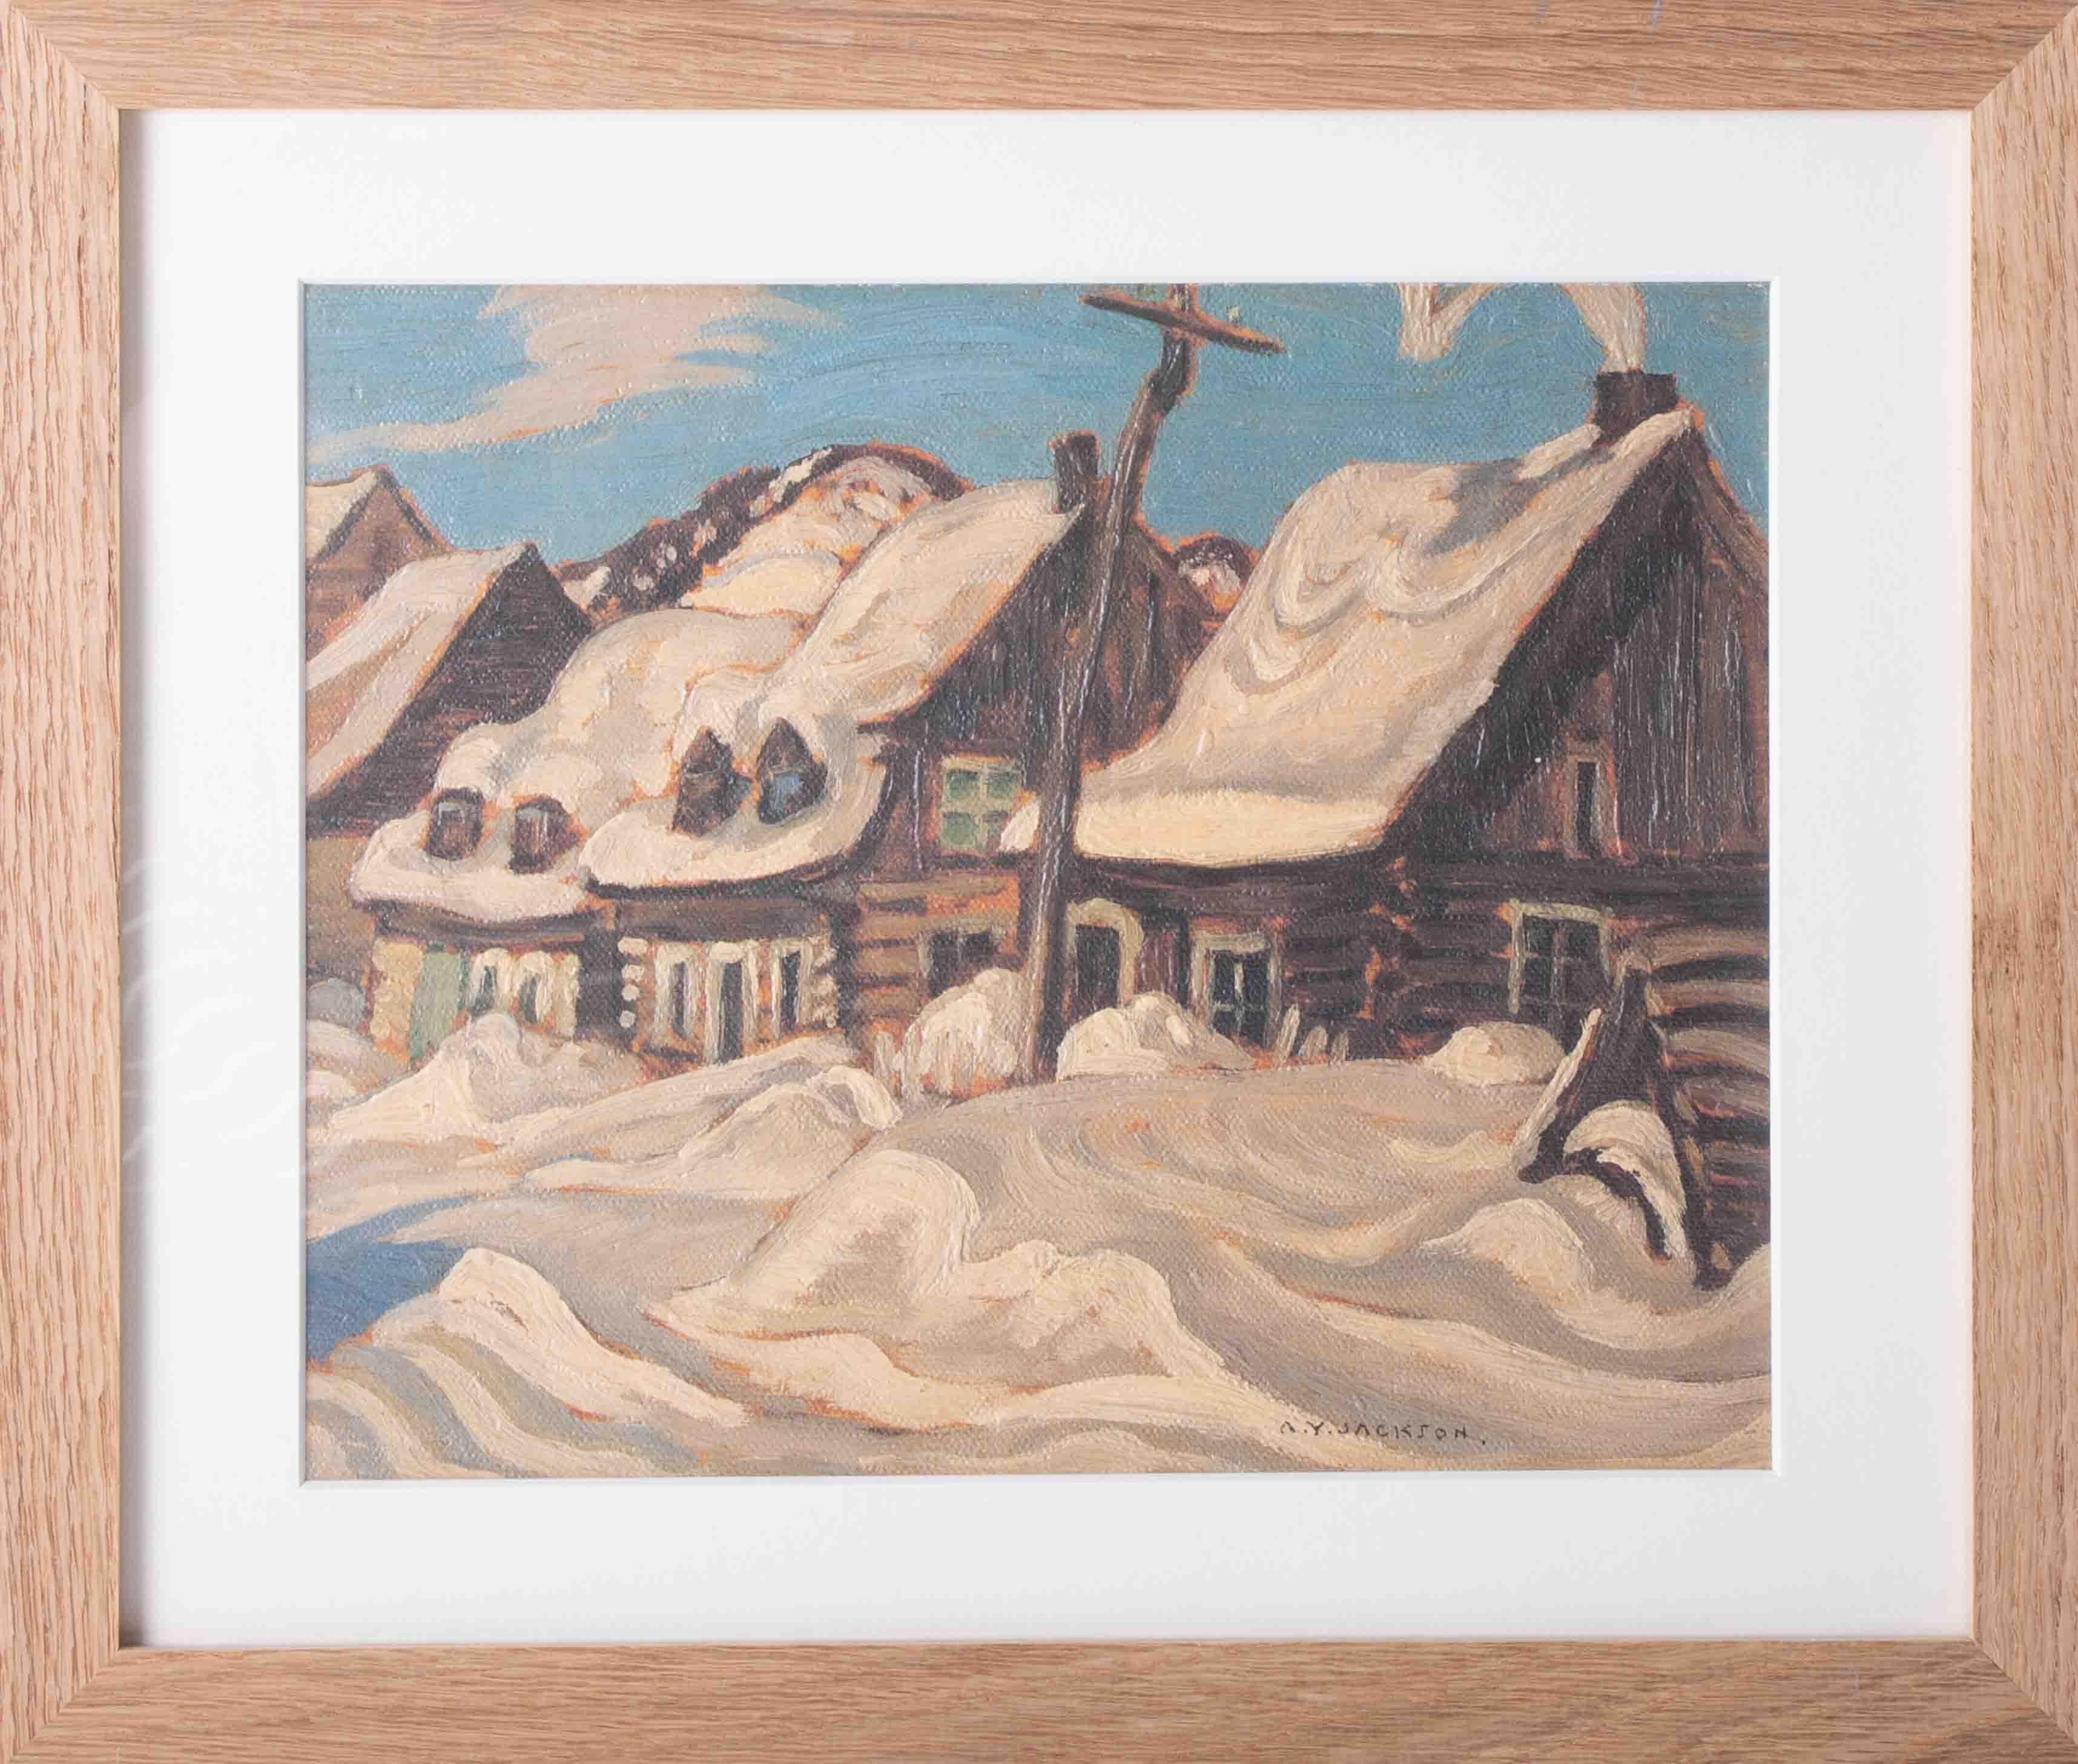 A.Y.Jackson, 'Houses, St.Urbain', giclee print, framed and glazed, 19cm x 23cm, was a Canadian